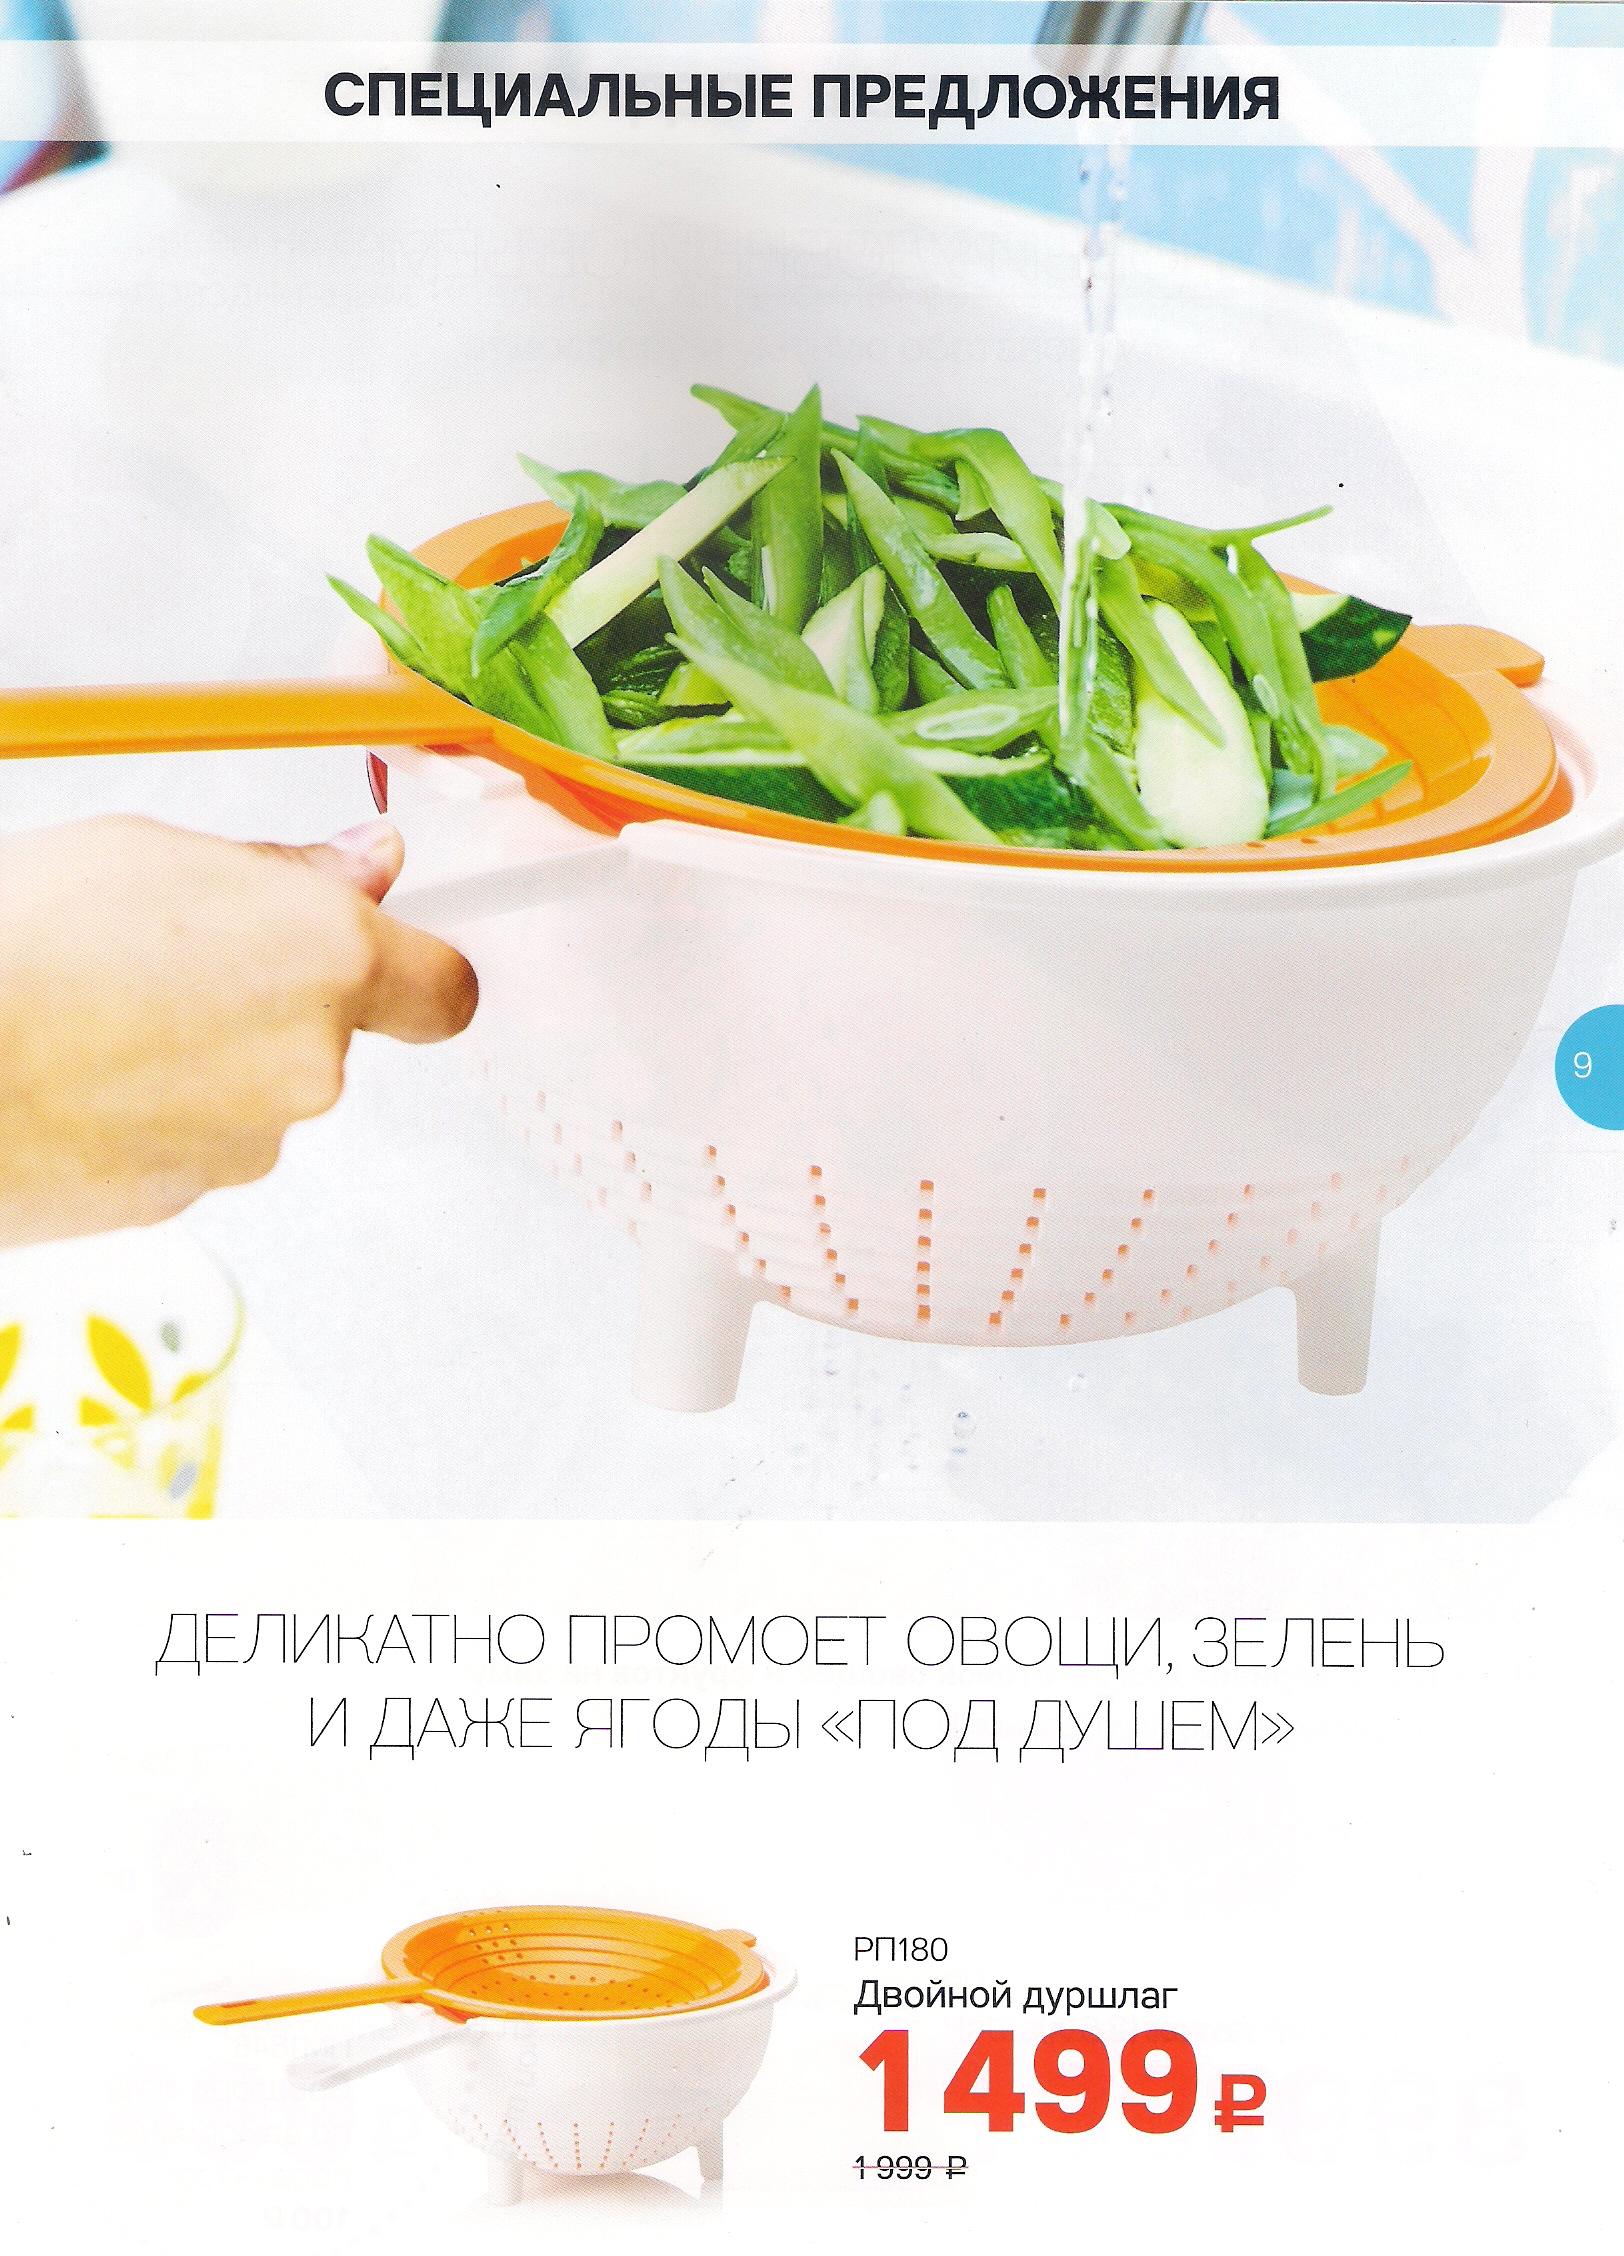 http://tupperware-online.ru/images/upload/5m.jpg